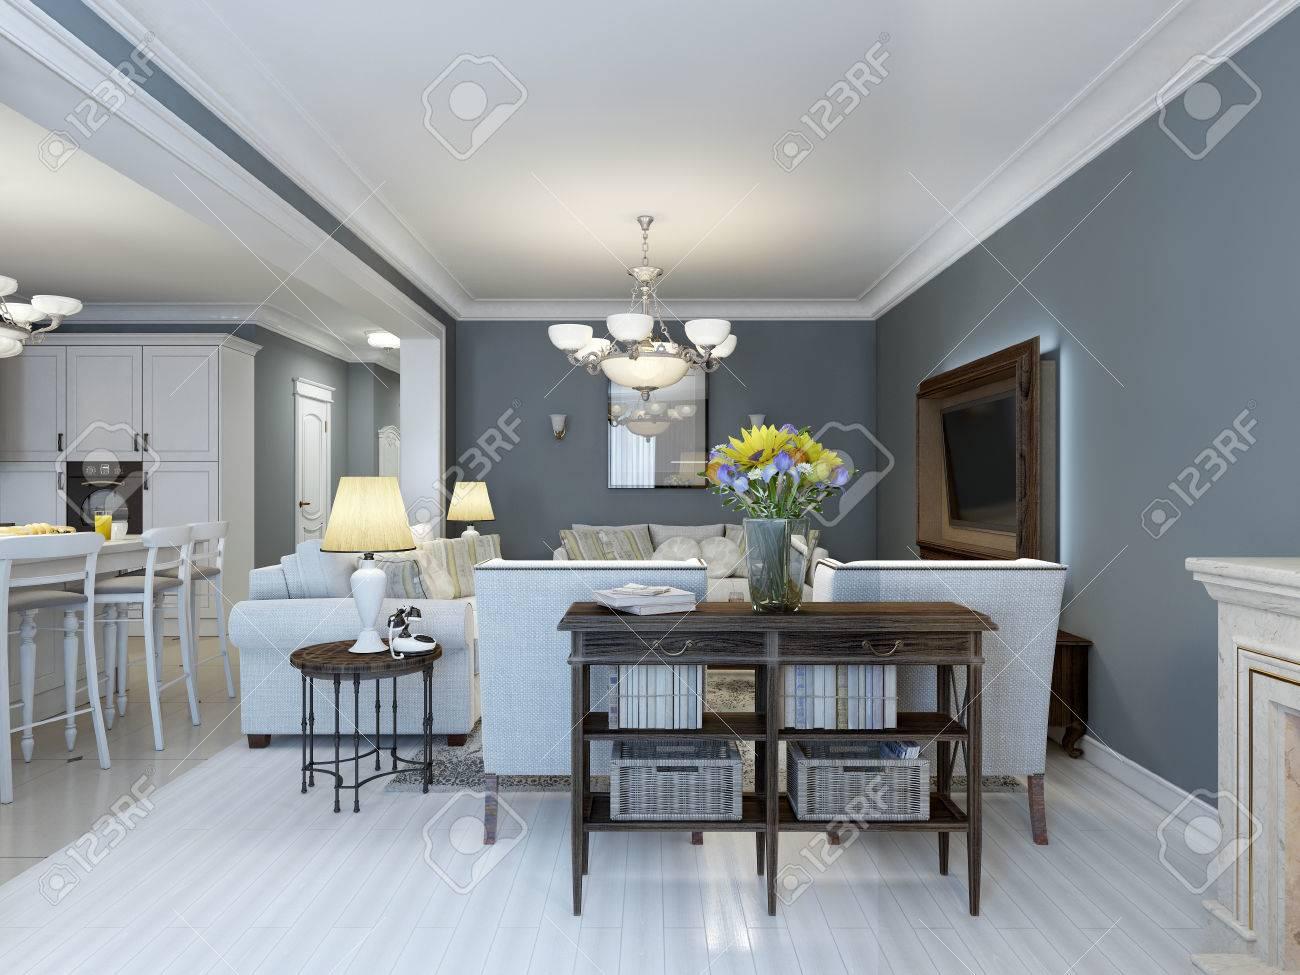 Idee Der Provence Schlafzimmer Mit Weißen Möbeln. Weiß Parkettboden ...